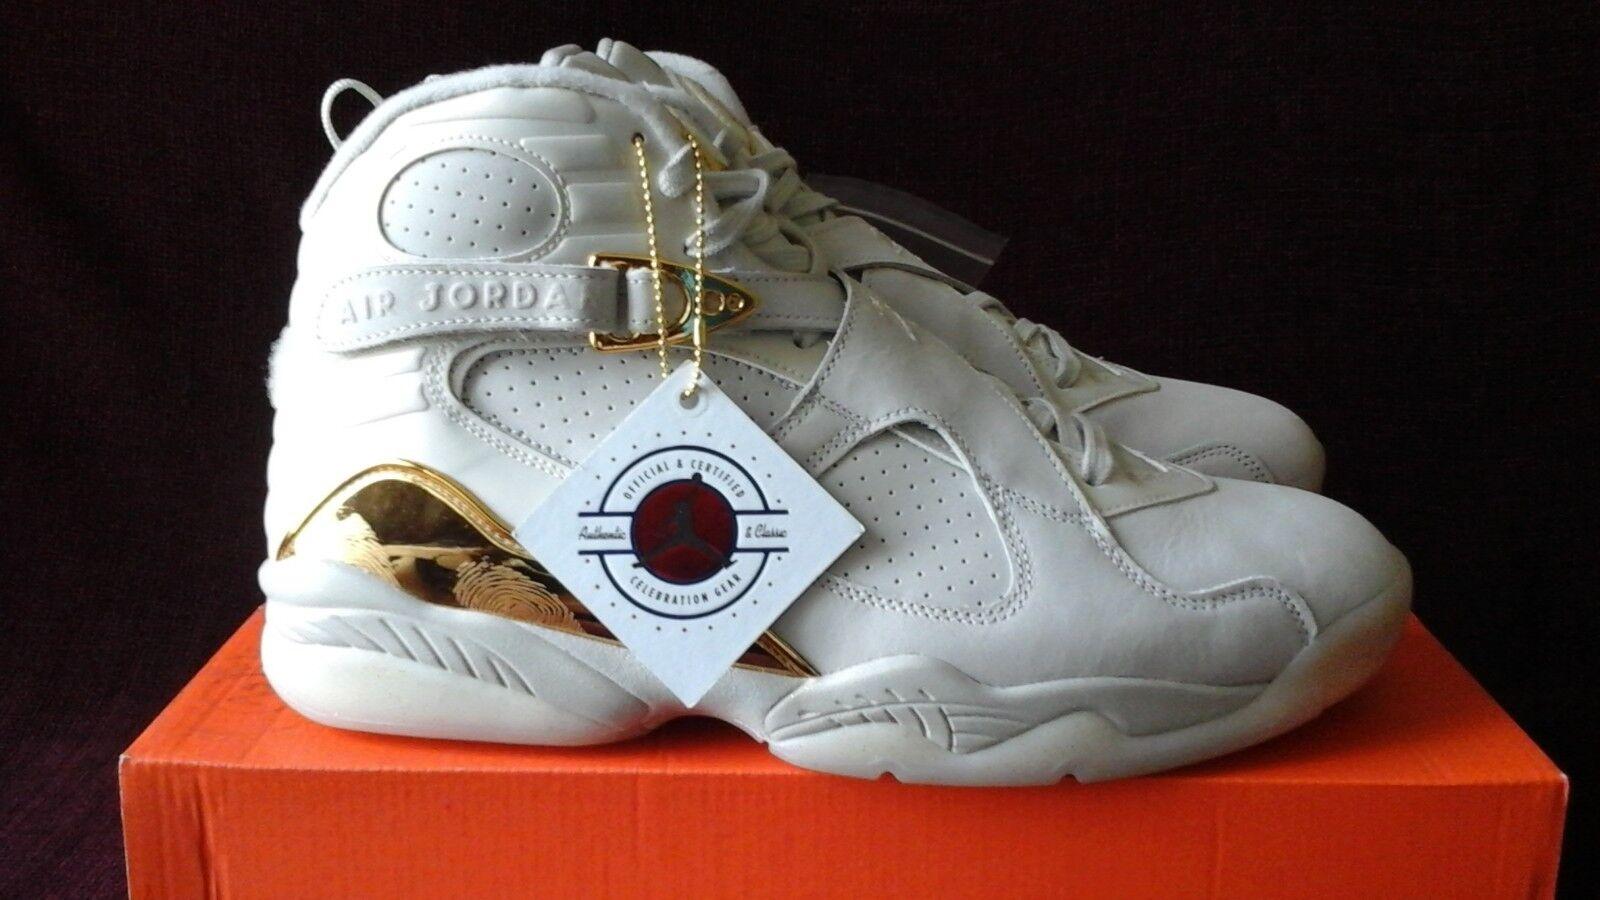 Nike Air Jordan 8 Retro C&C Champagne B Grade 832821-030